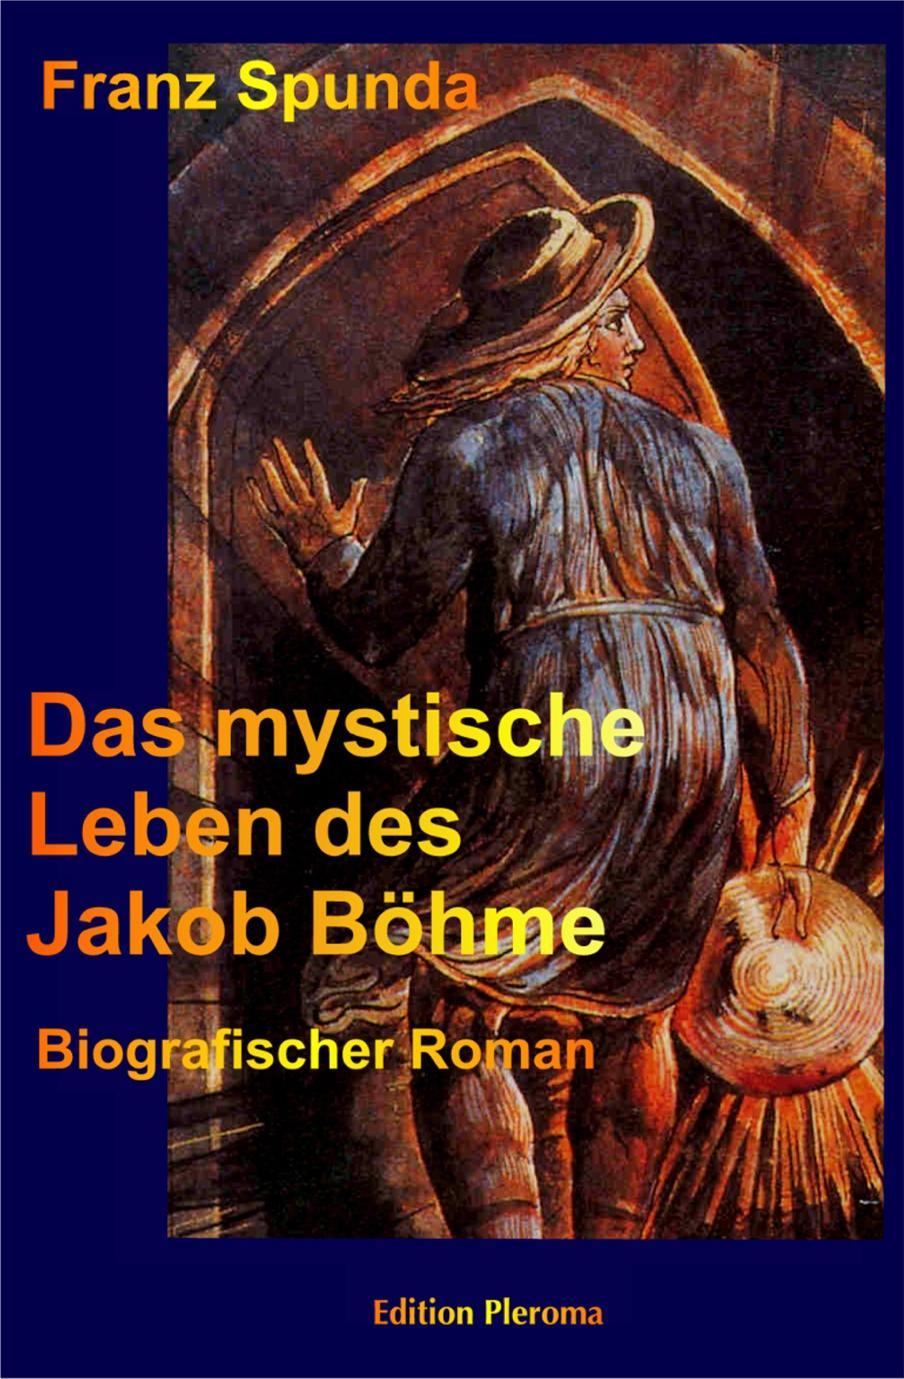 Das mystische Leben des Jakob Böhme - Franz Spunda